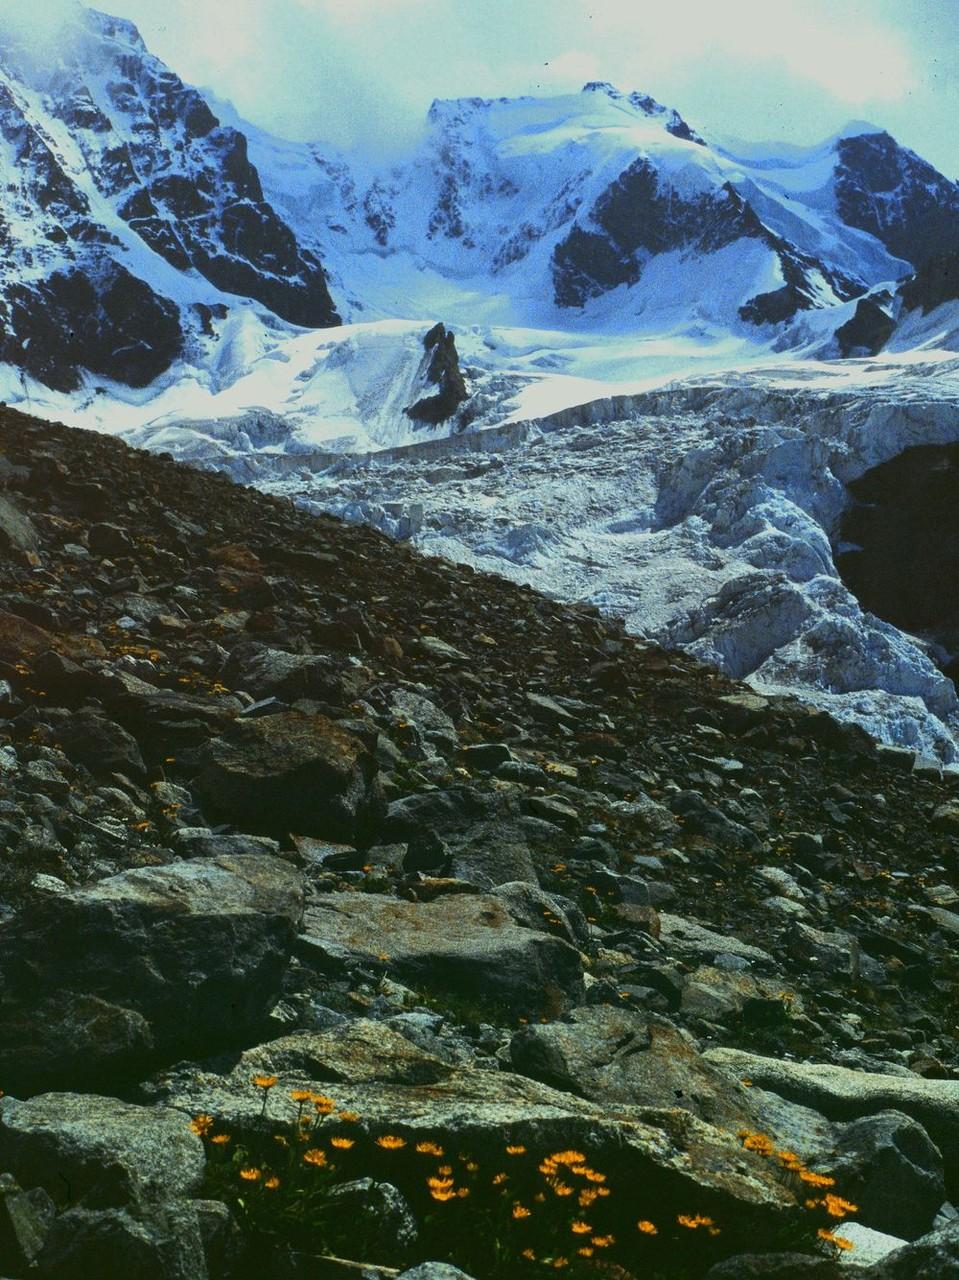 Gemswurz im Schutz von Felsblöcken. Wilder Gletscherwinkel zwischen Piz Bernina und Scerscen